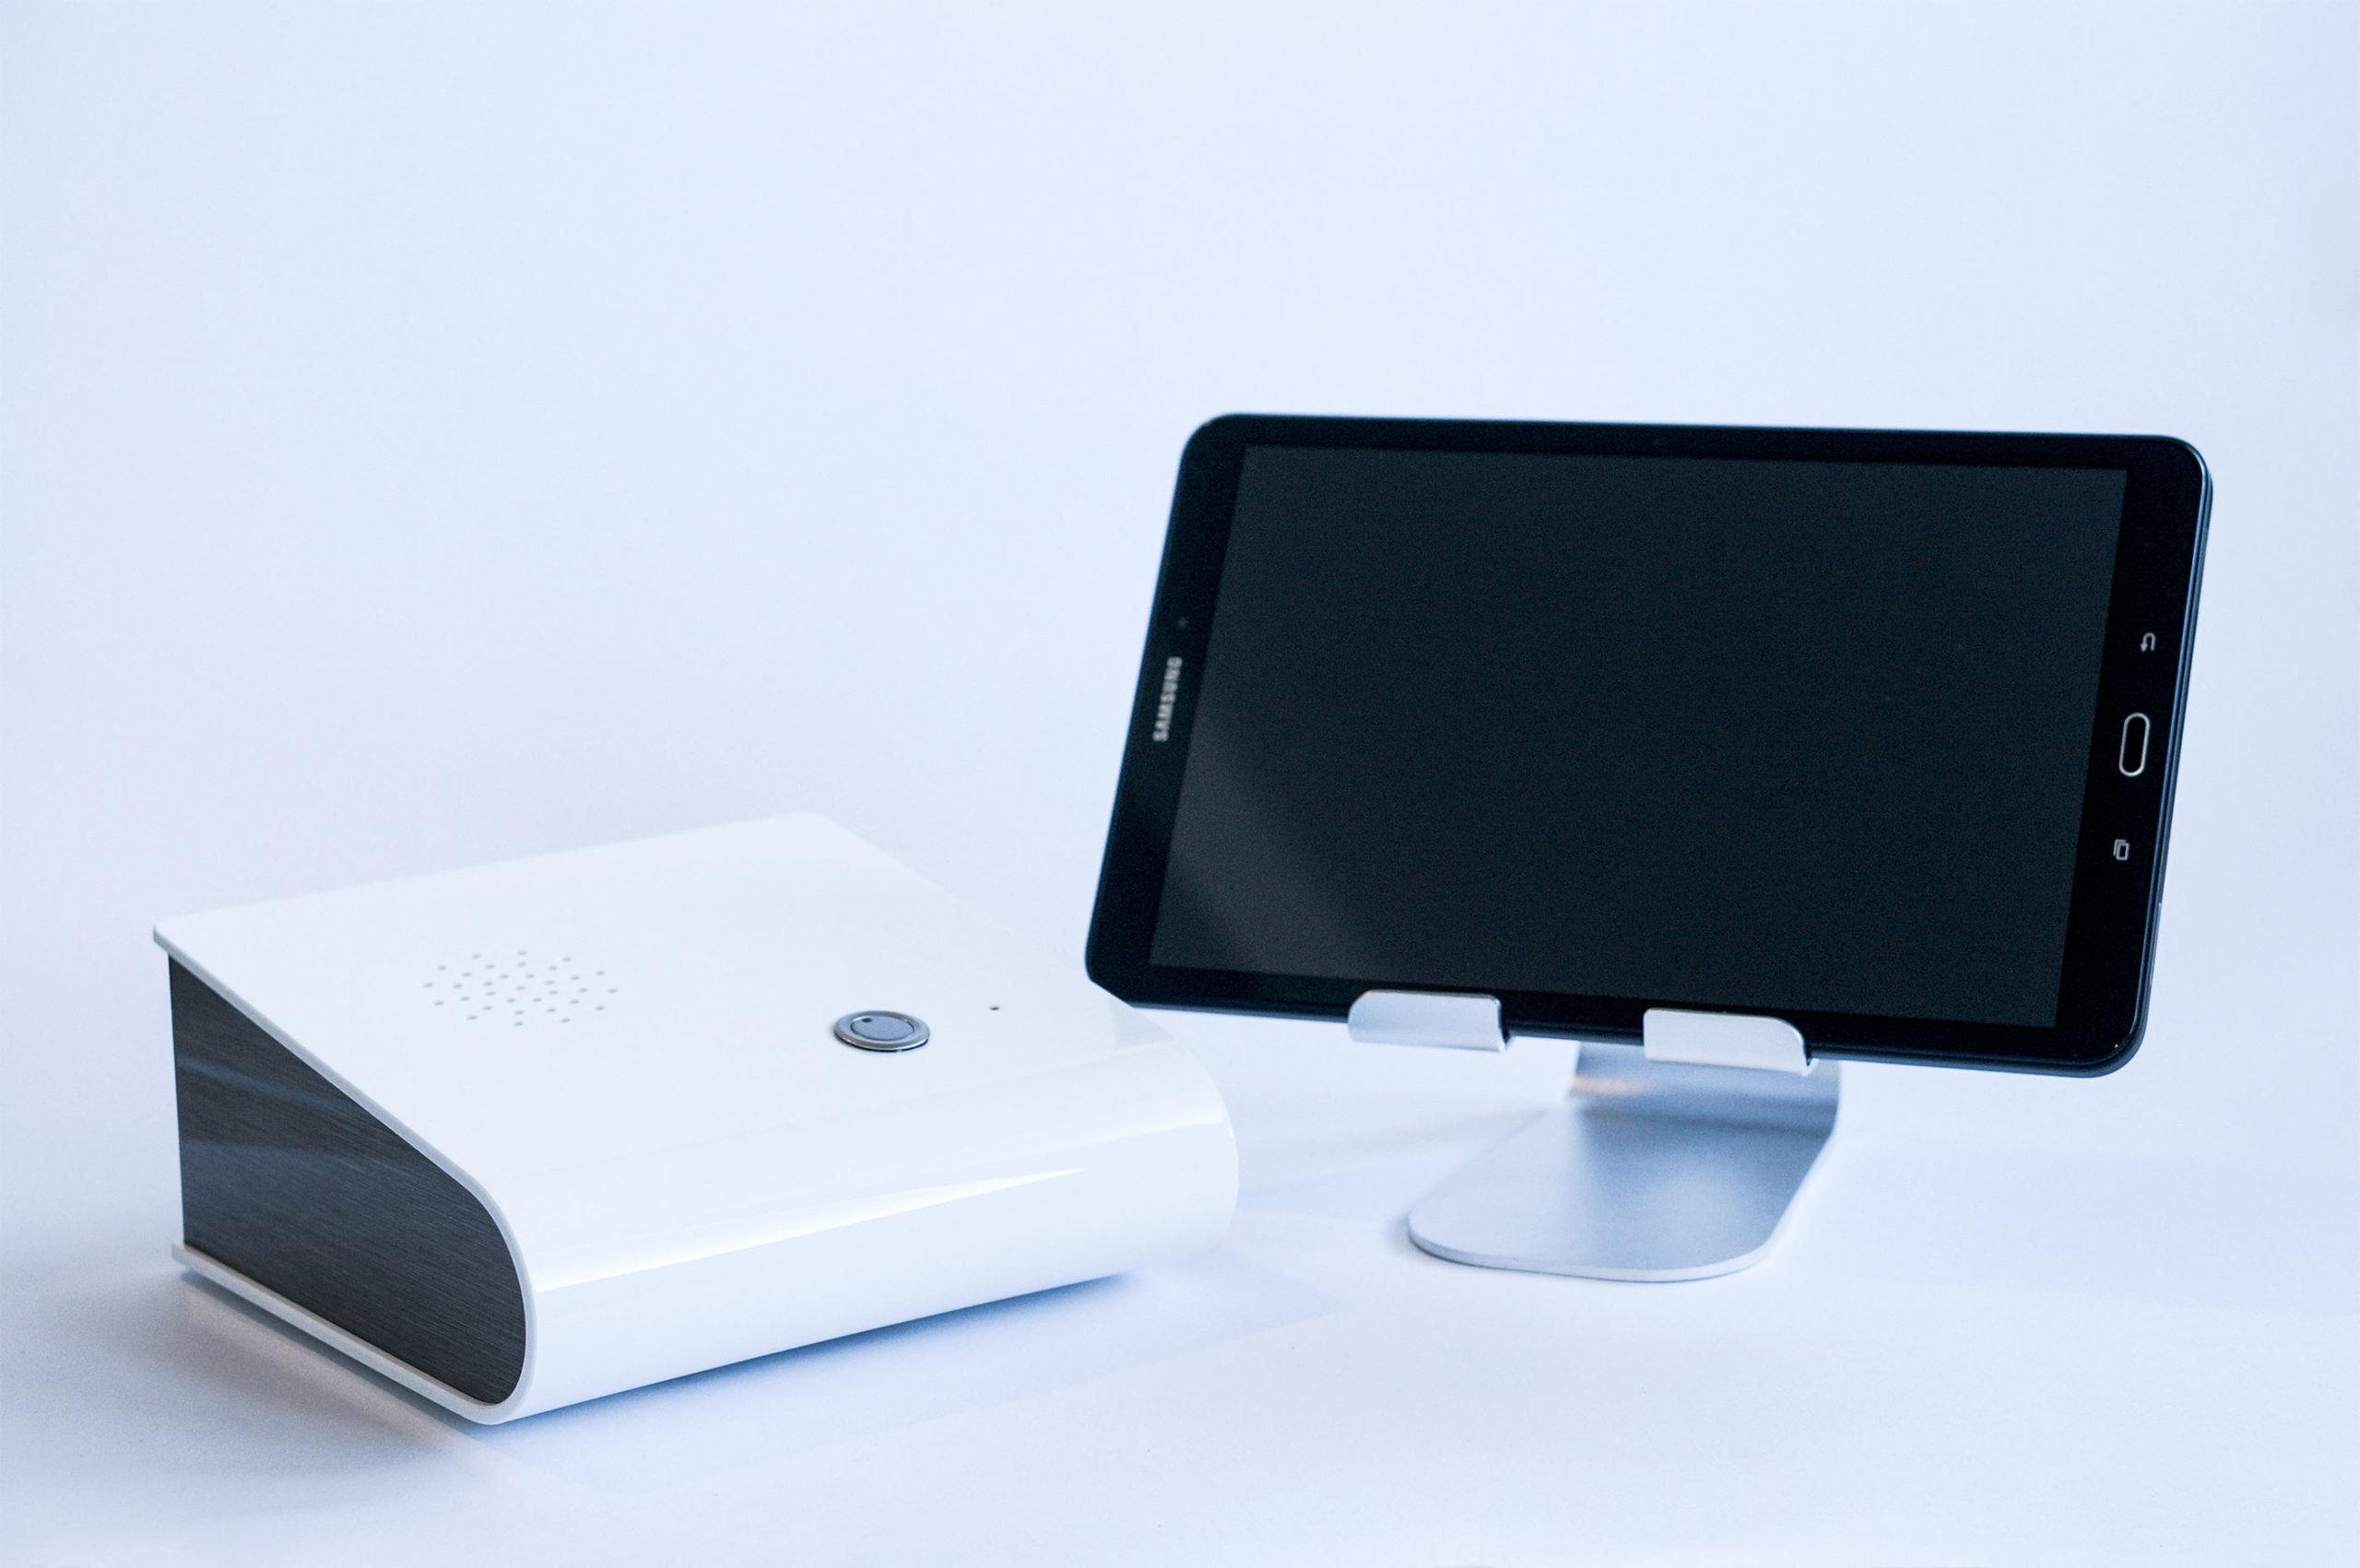 Zentraleinheit und Tablet